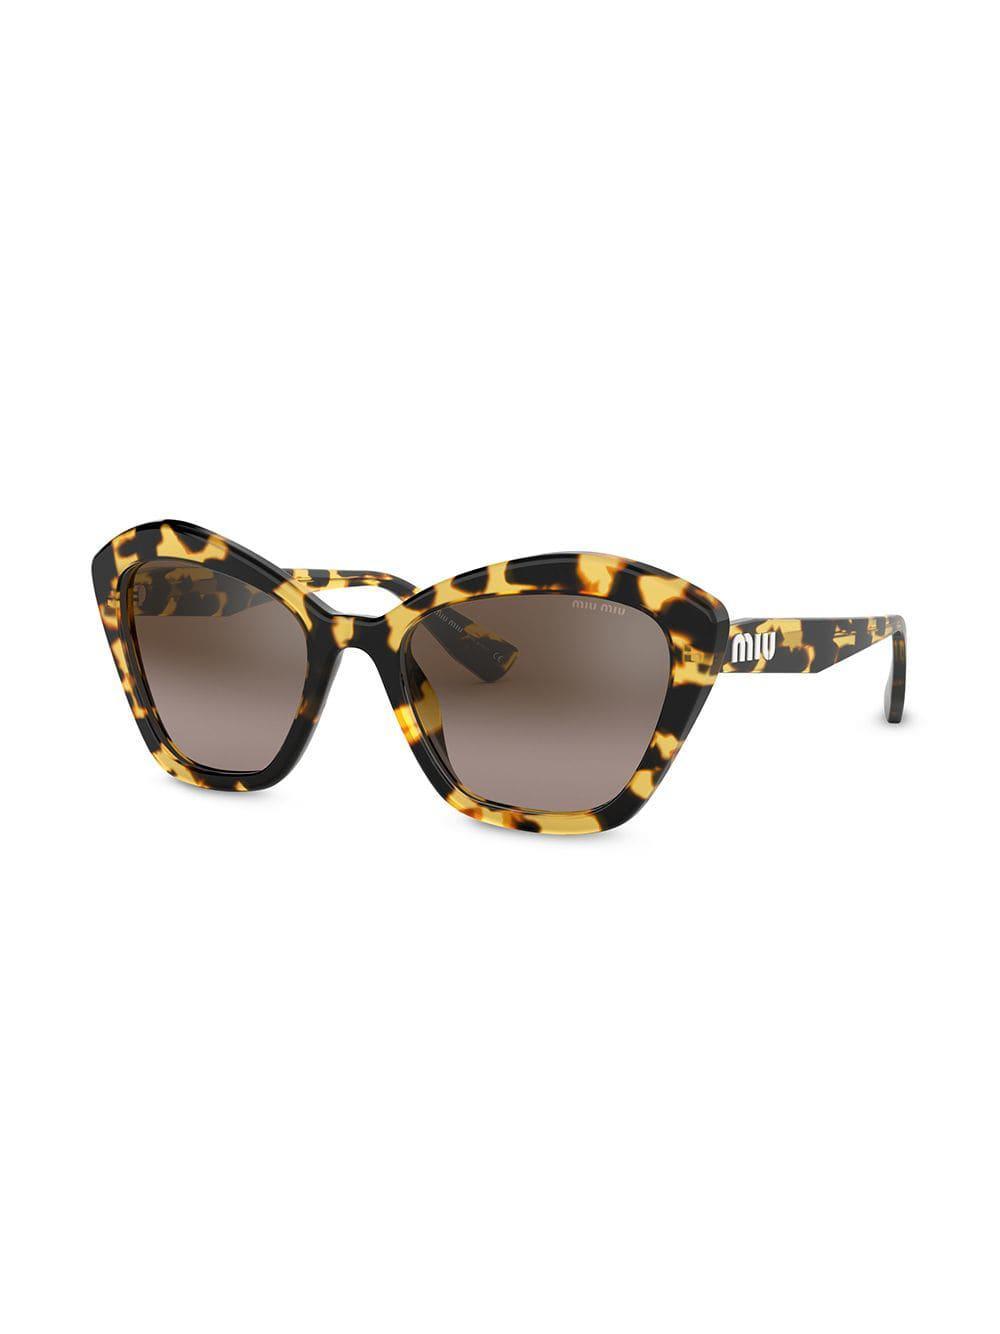 ca2df802acb Lyst - Miu Miu Oversized Cat-eye Sunglasses in Brown